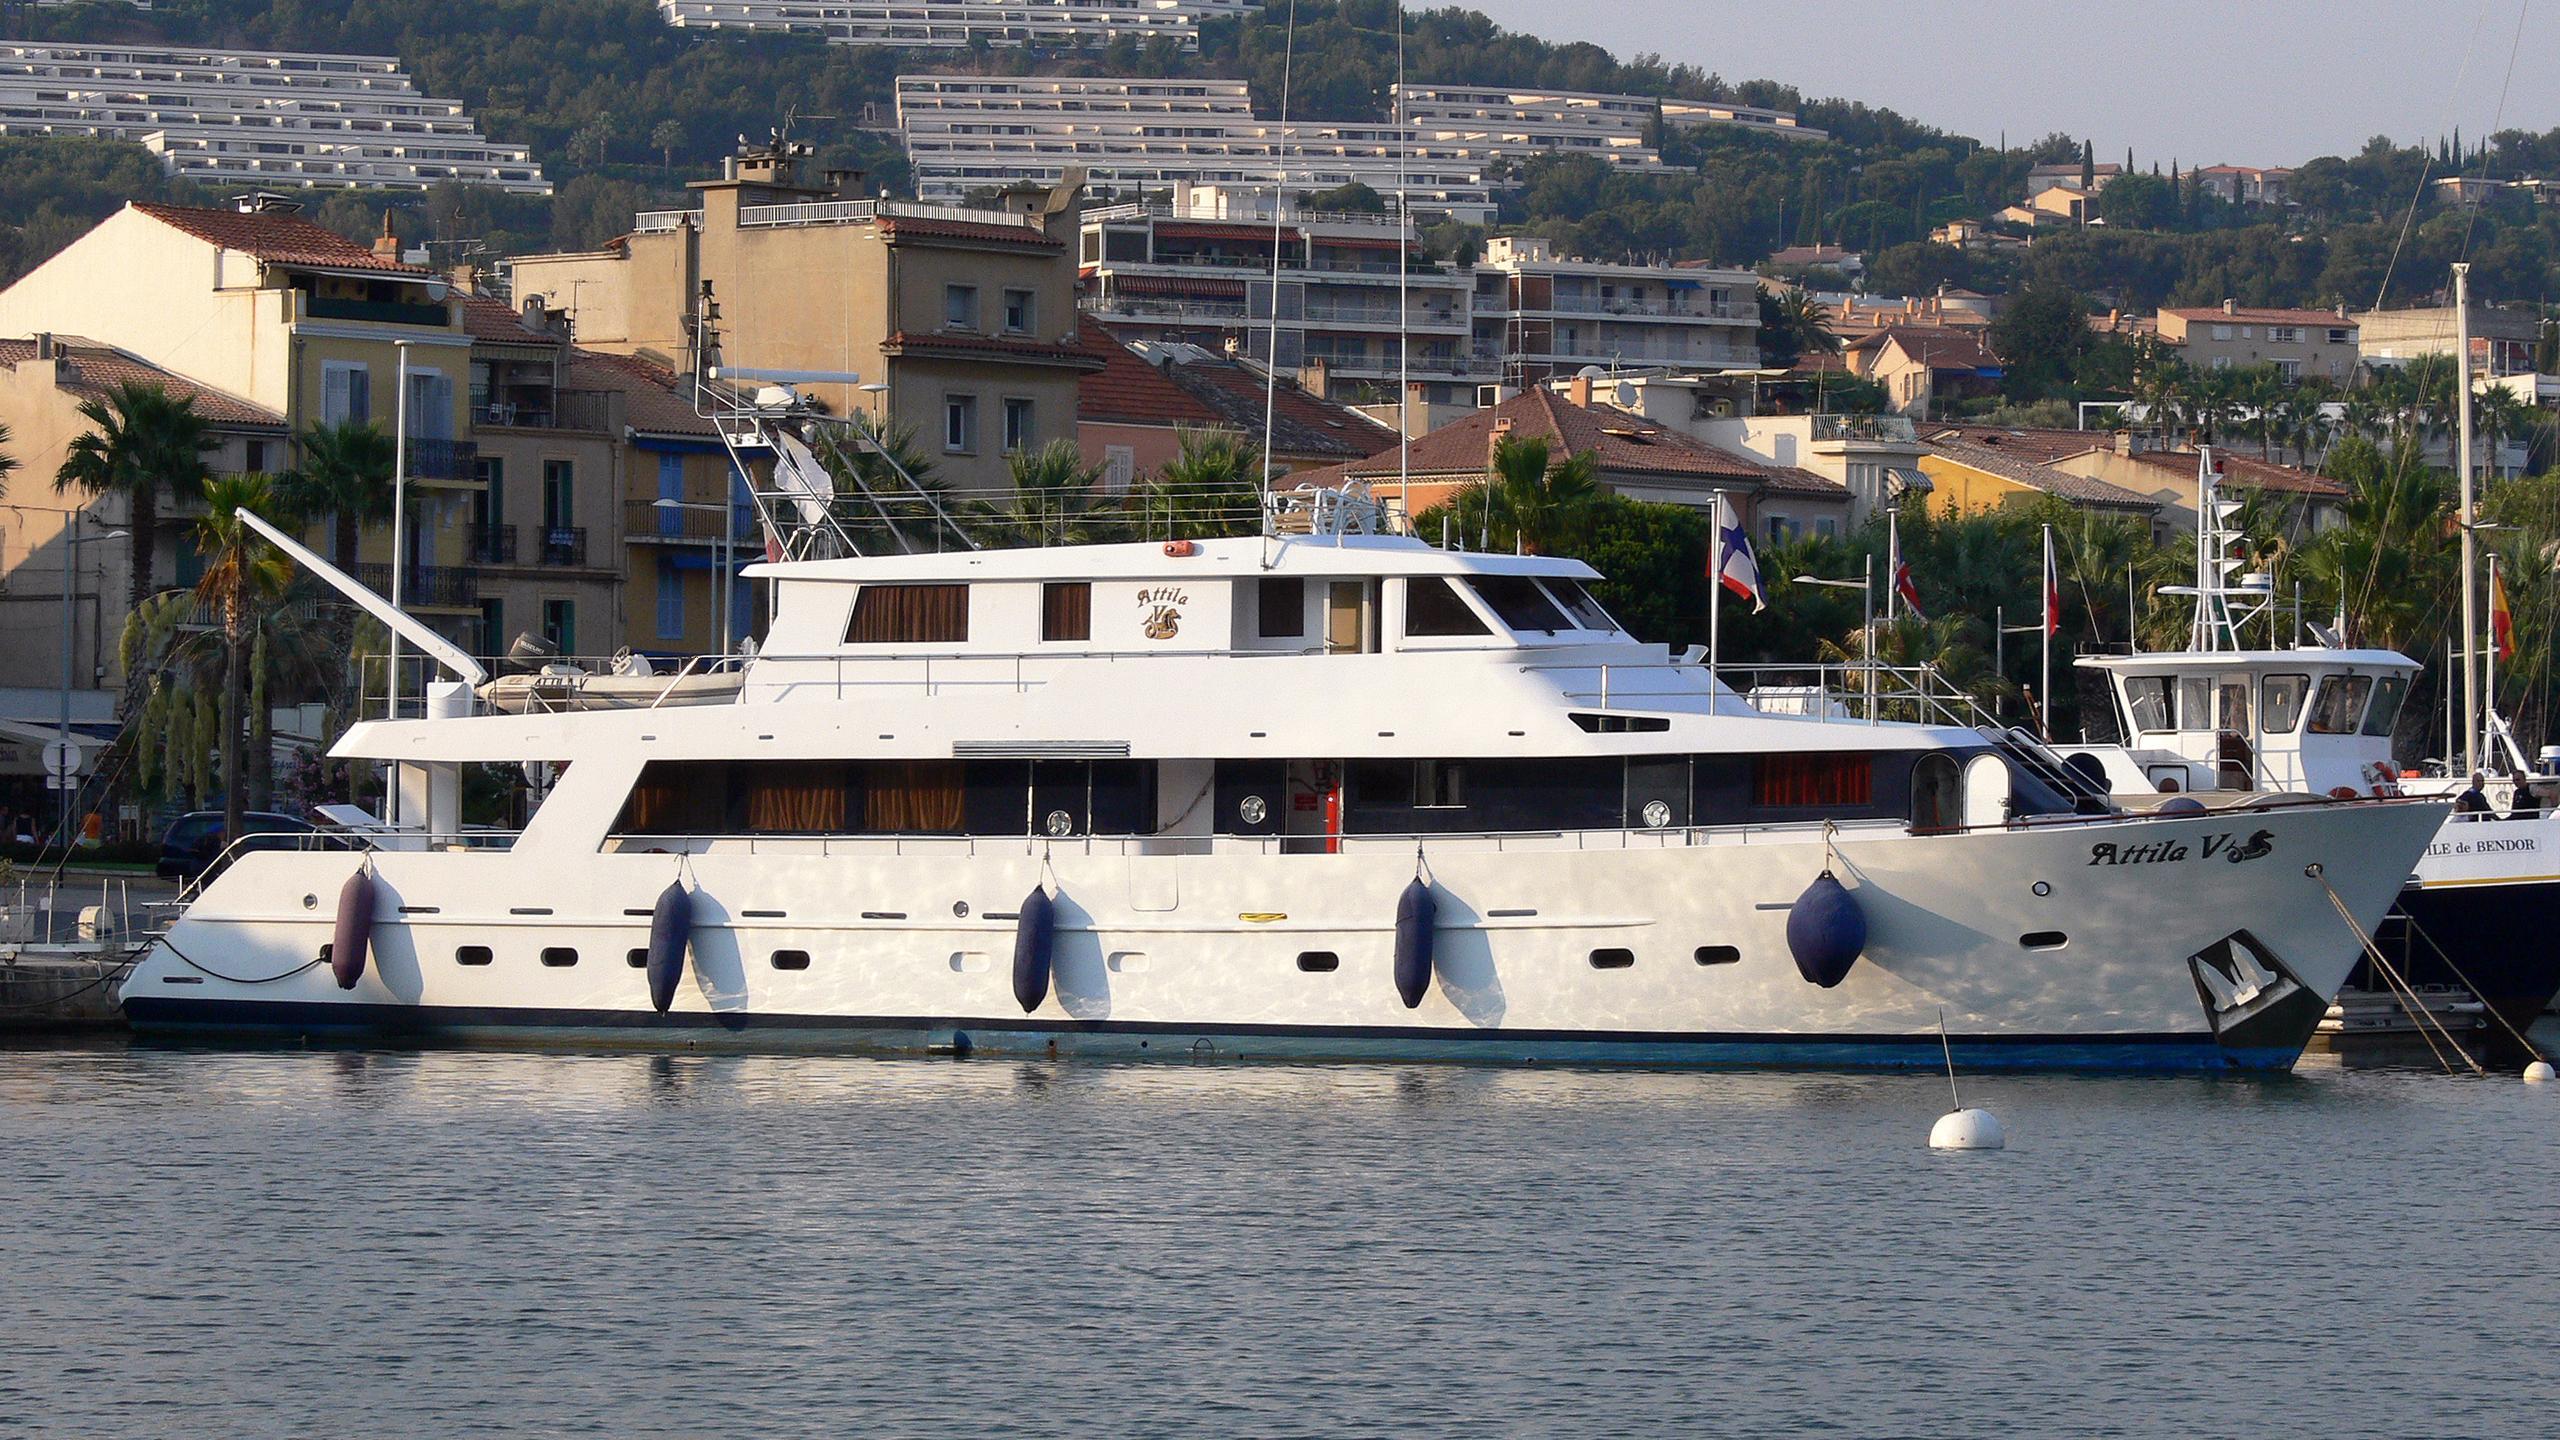 attila-v-yacht-exterior